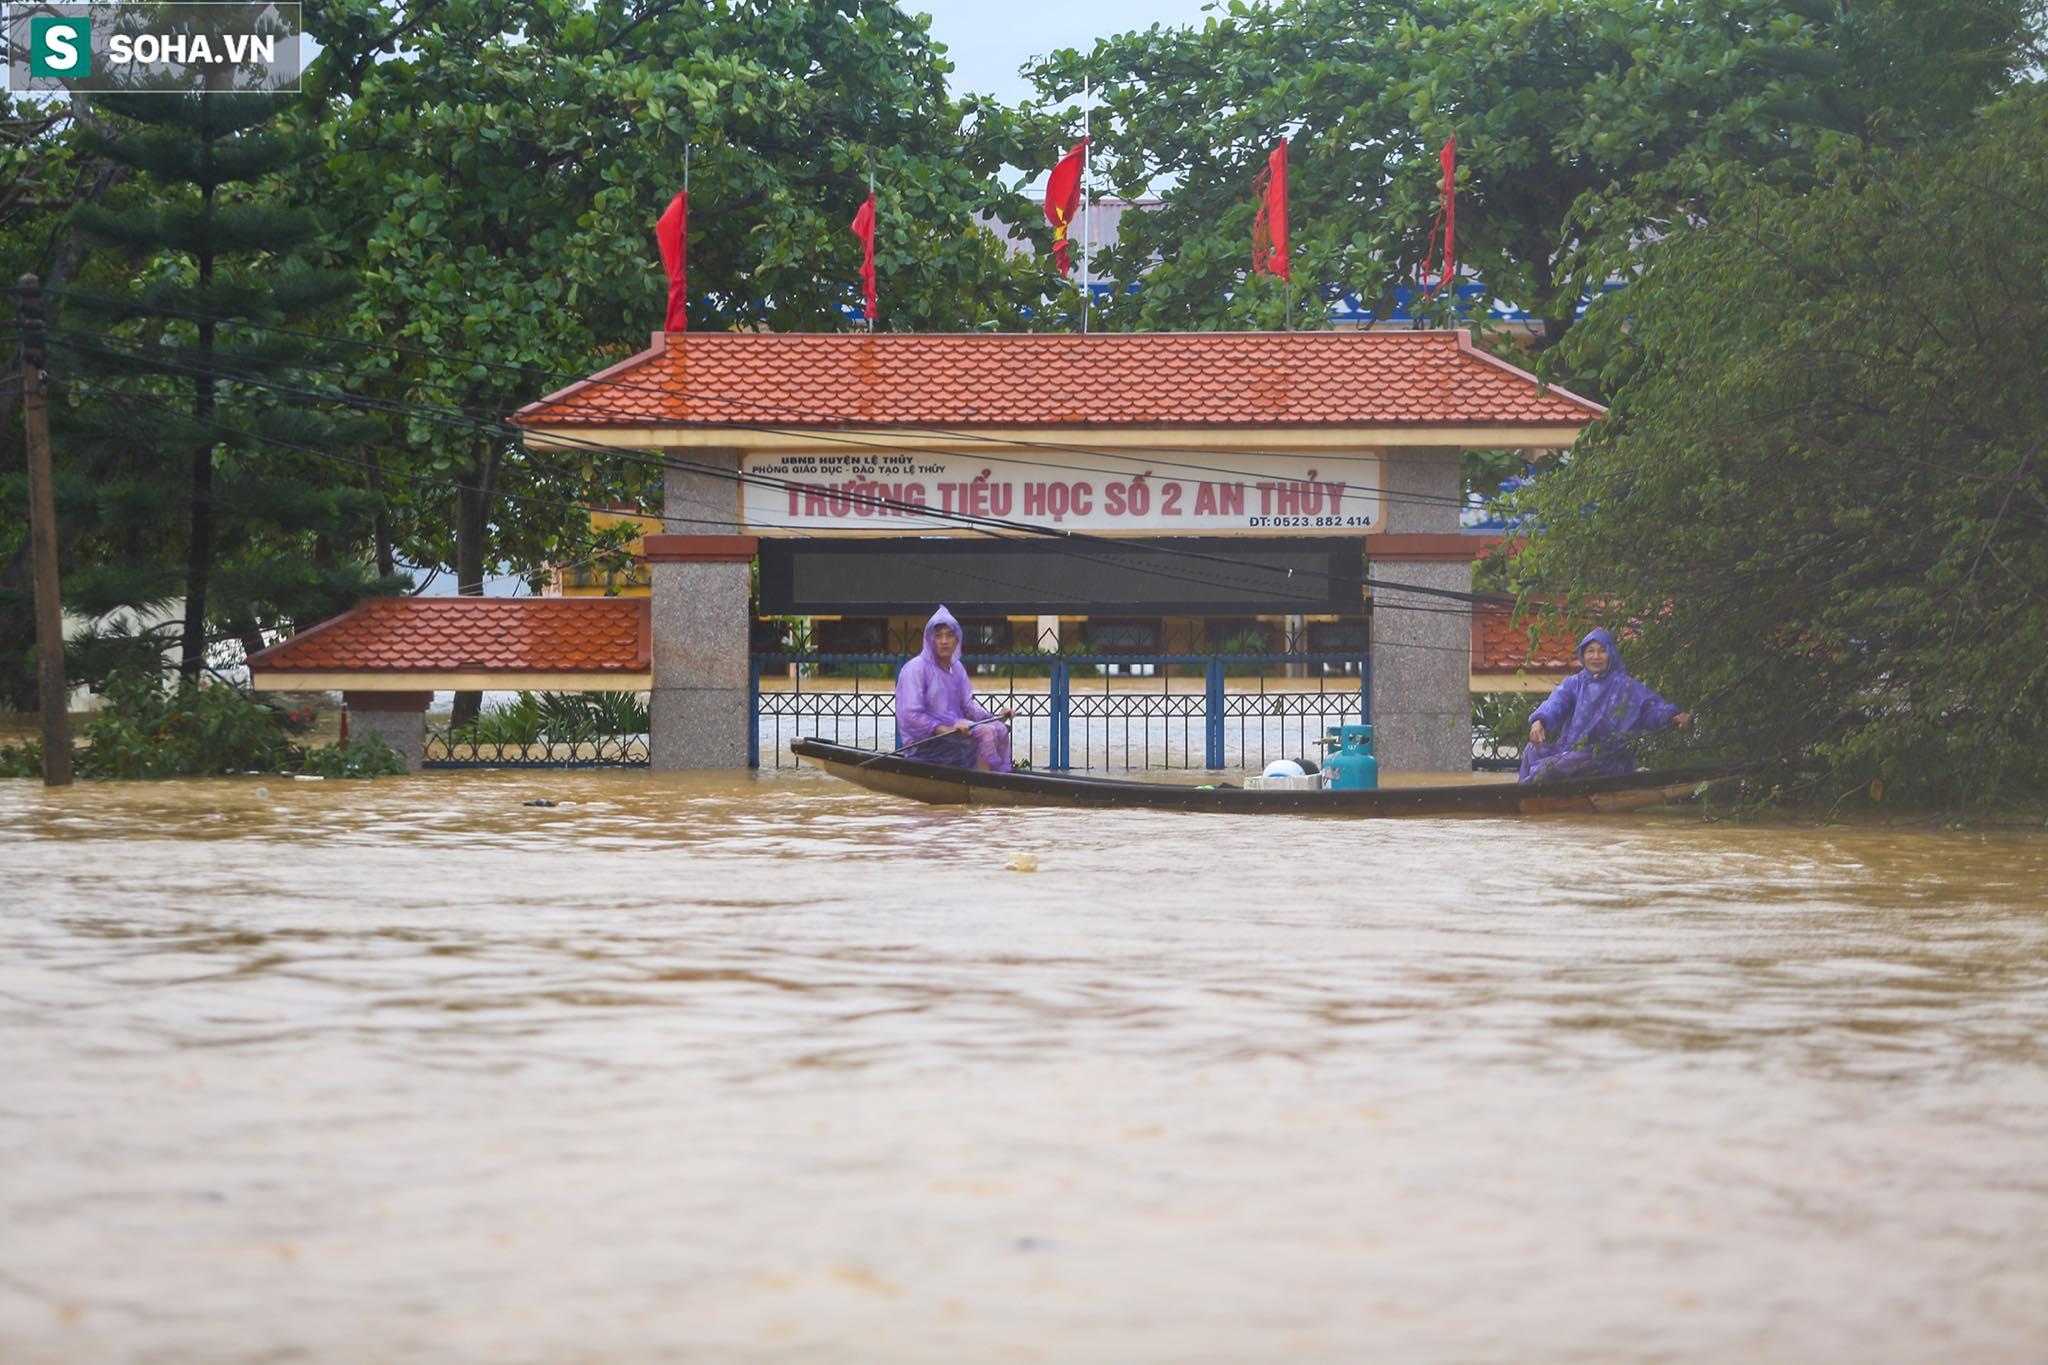 Những cánh tay 'cầu cứu' từ mái nhà trong cơn lũ lịch sử ở Quảng Bình - Ảnh 1.